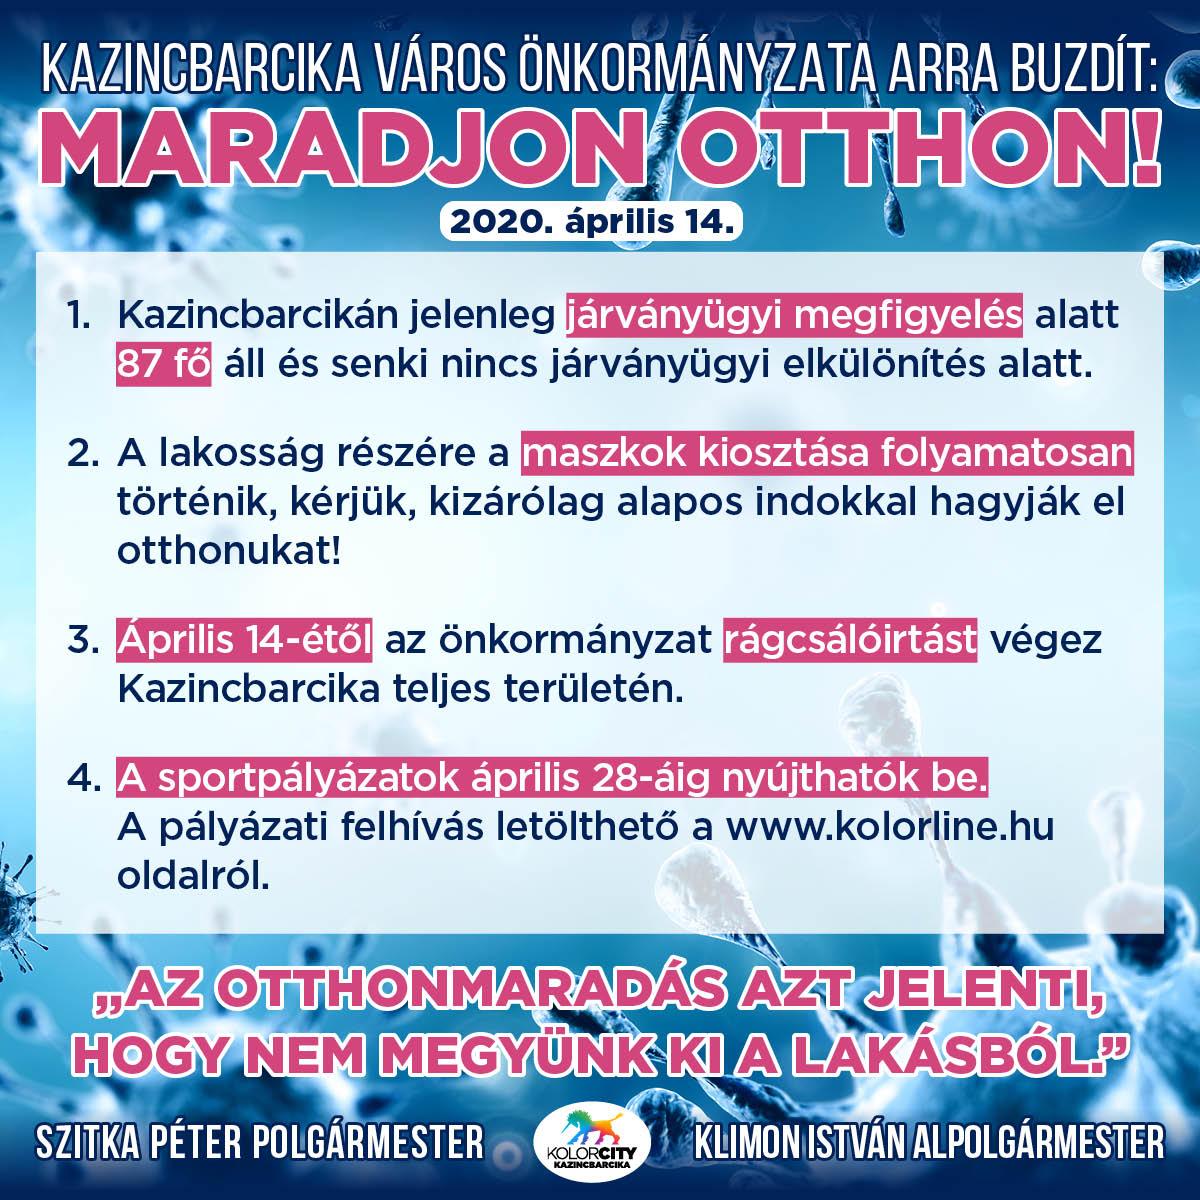 https://kolorline.hu/Kazincbarcika Város Önkormányzata arra buzdít: Maradj otthon! – 2020. április 14.